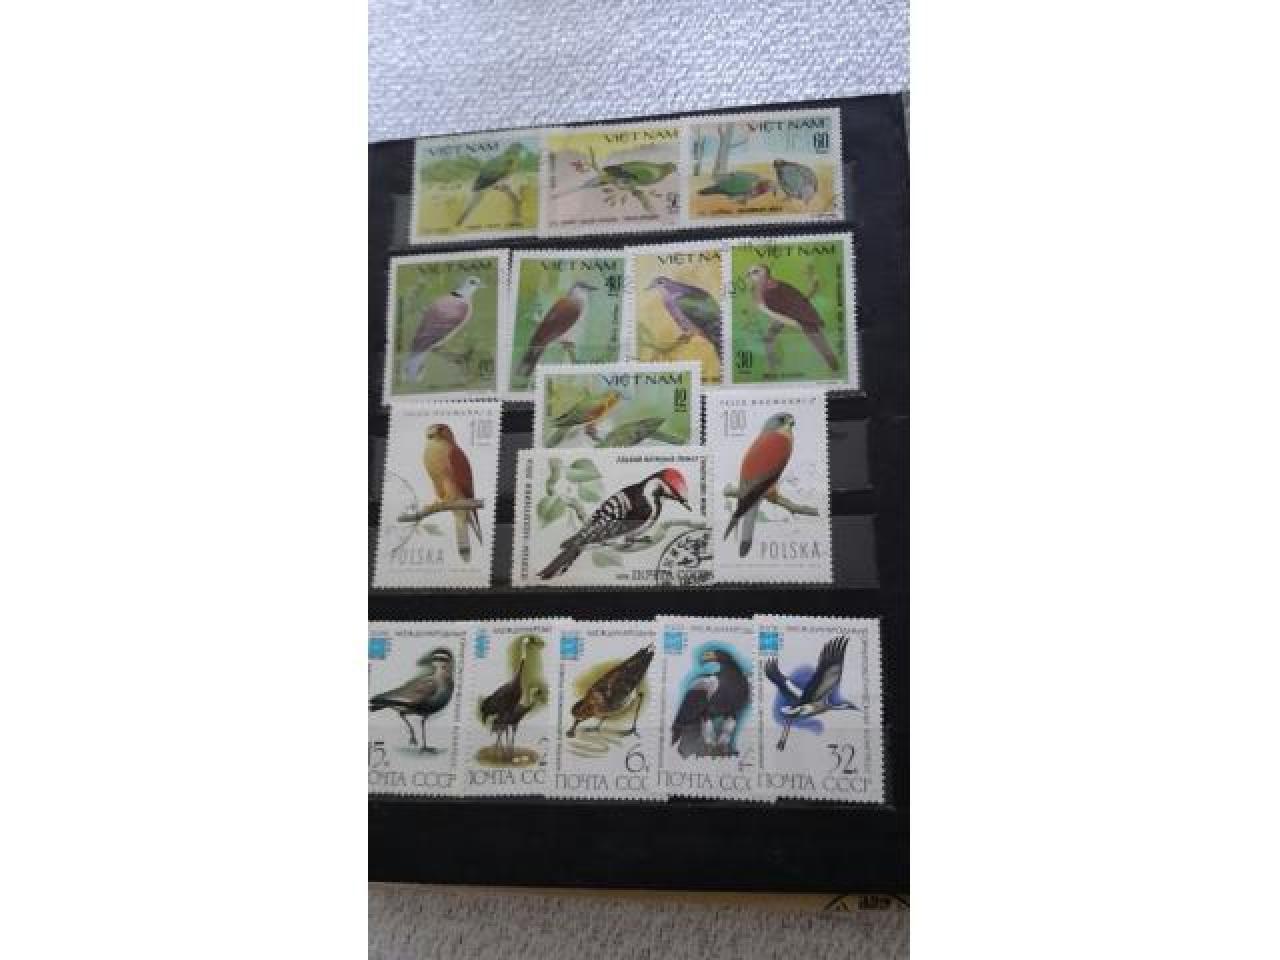 коллекция почтовых марок - 6